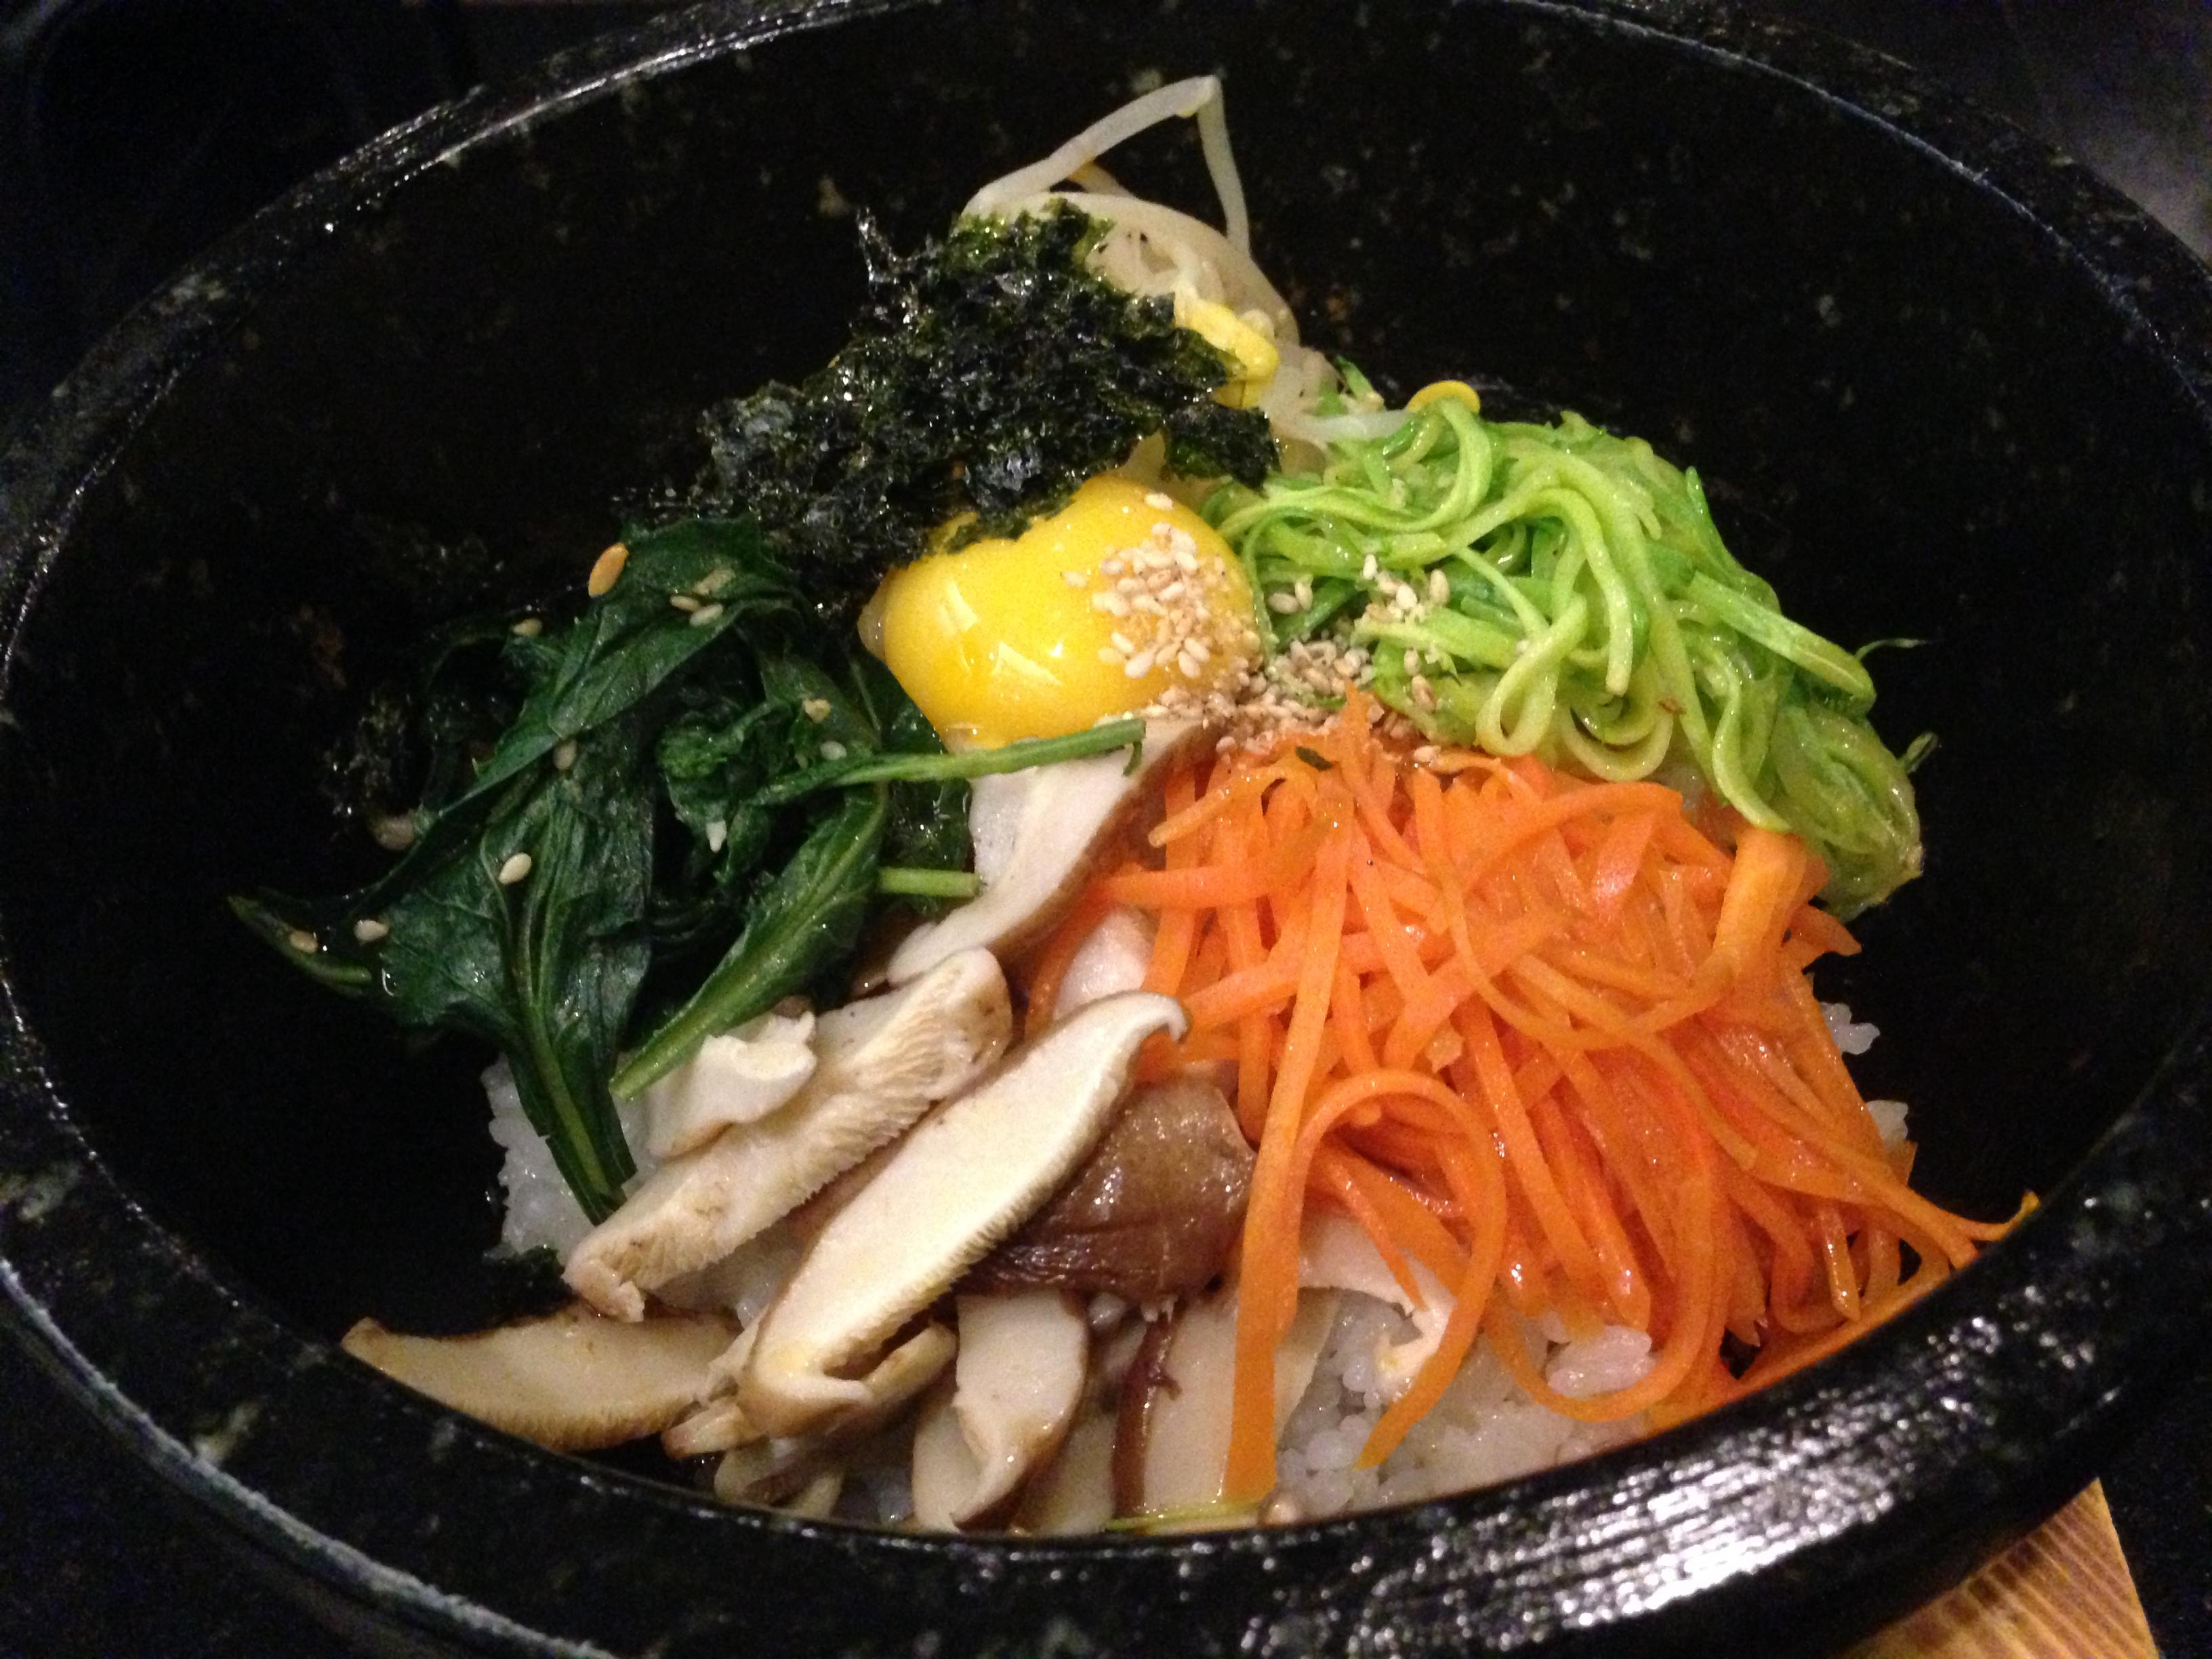 O Korece tavuk içinden. Korece sıcak atıştırmalık He